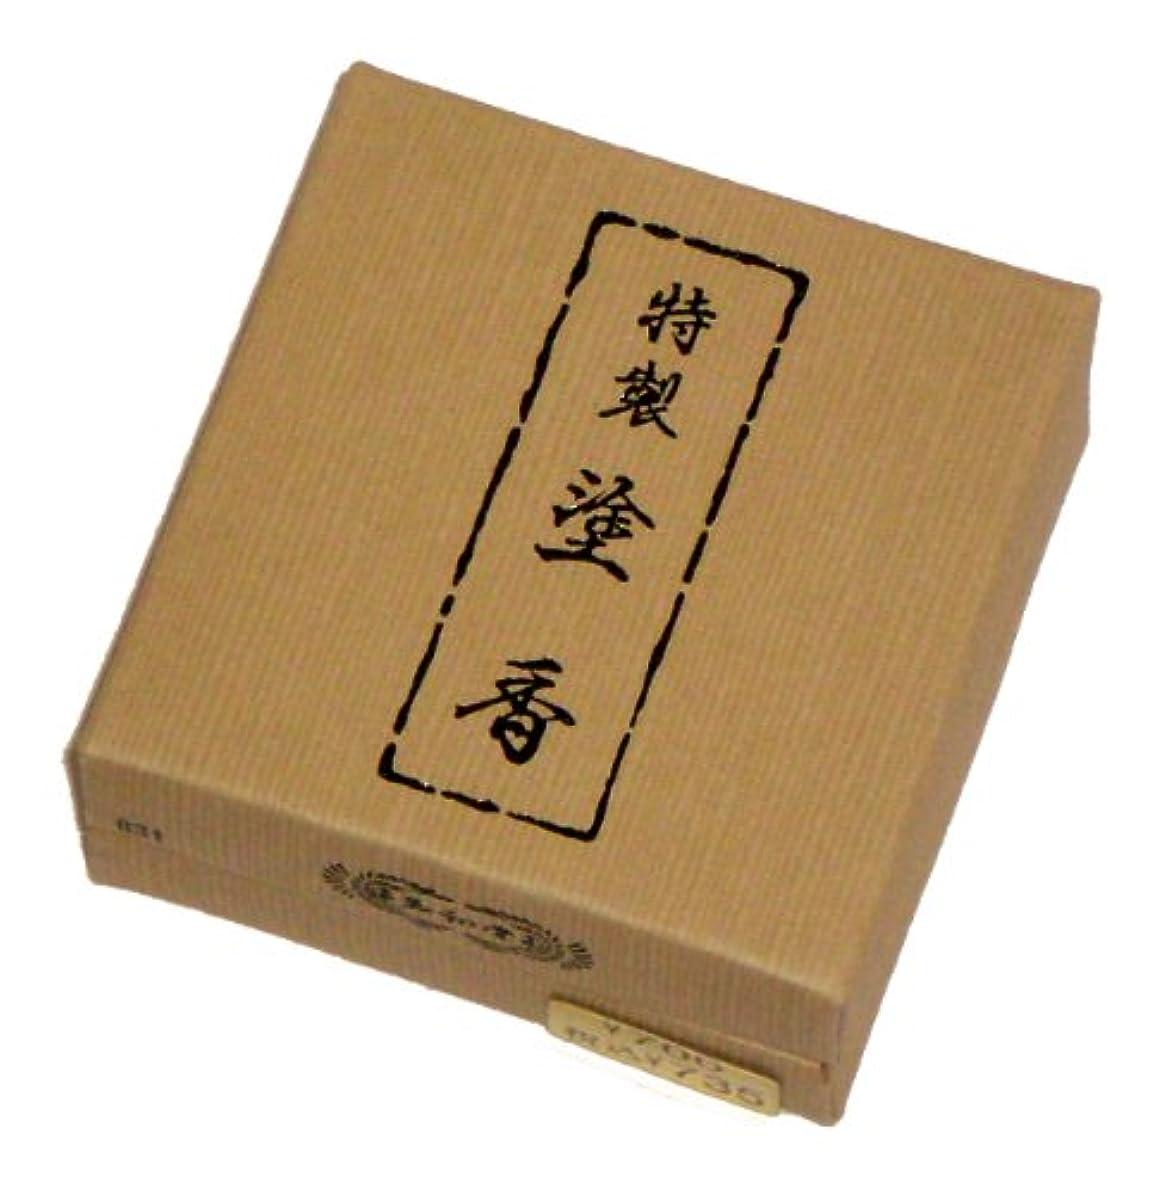 臭い書き出す役立つ玉初堂のお香 特製塗香 15g 紙箱 #831